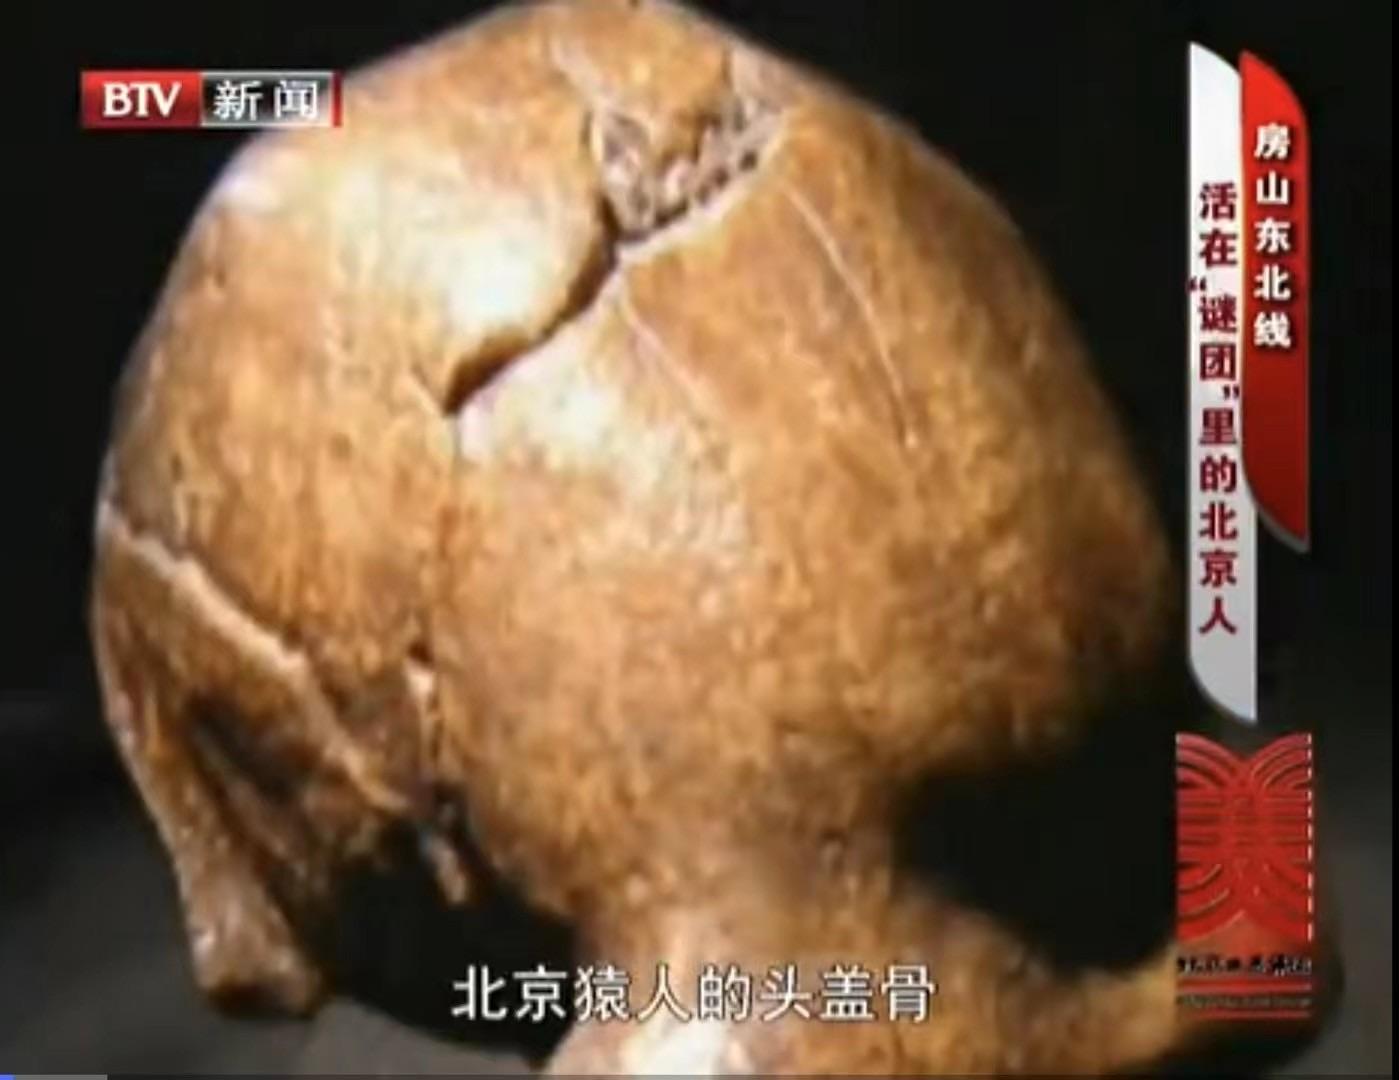 北京猿人错误《证据》4.jpg